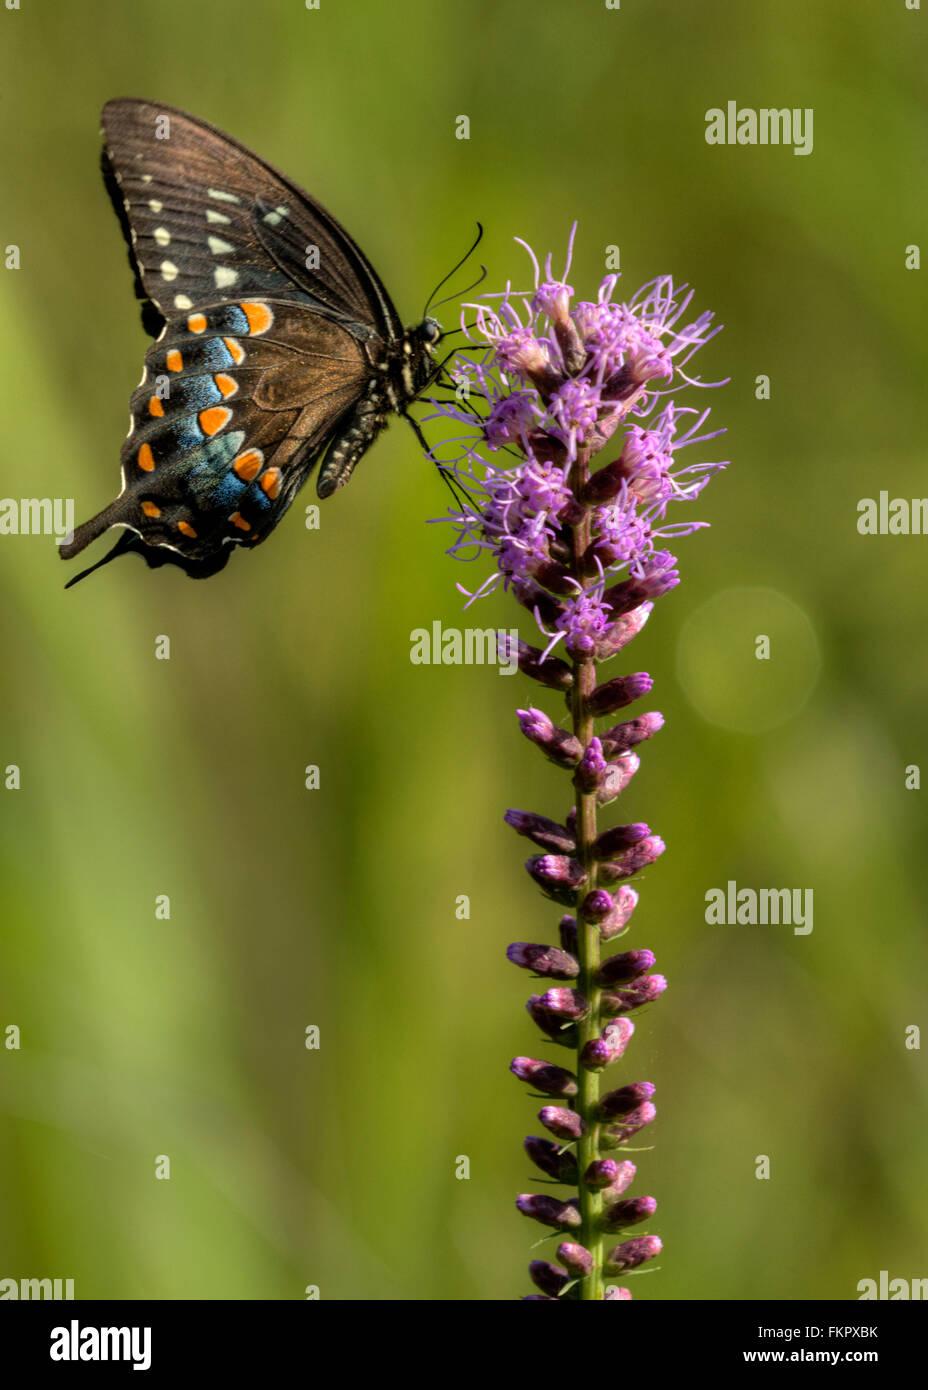 Spicebush especie (Papilio Troilo) en una deslumbrante estrella (Liatris spicata) Foto de stock